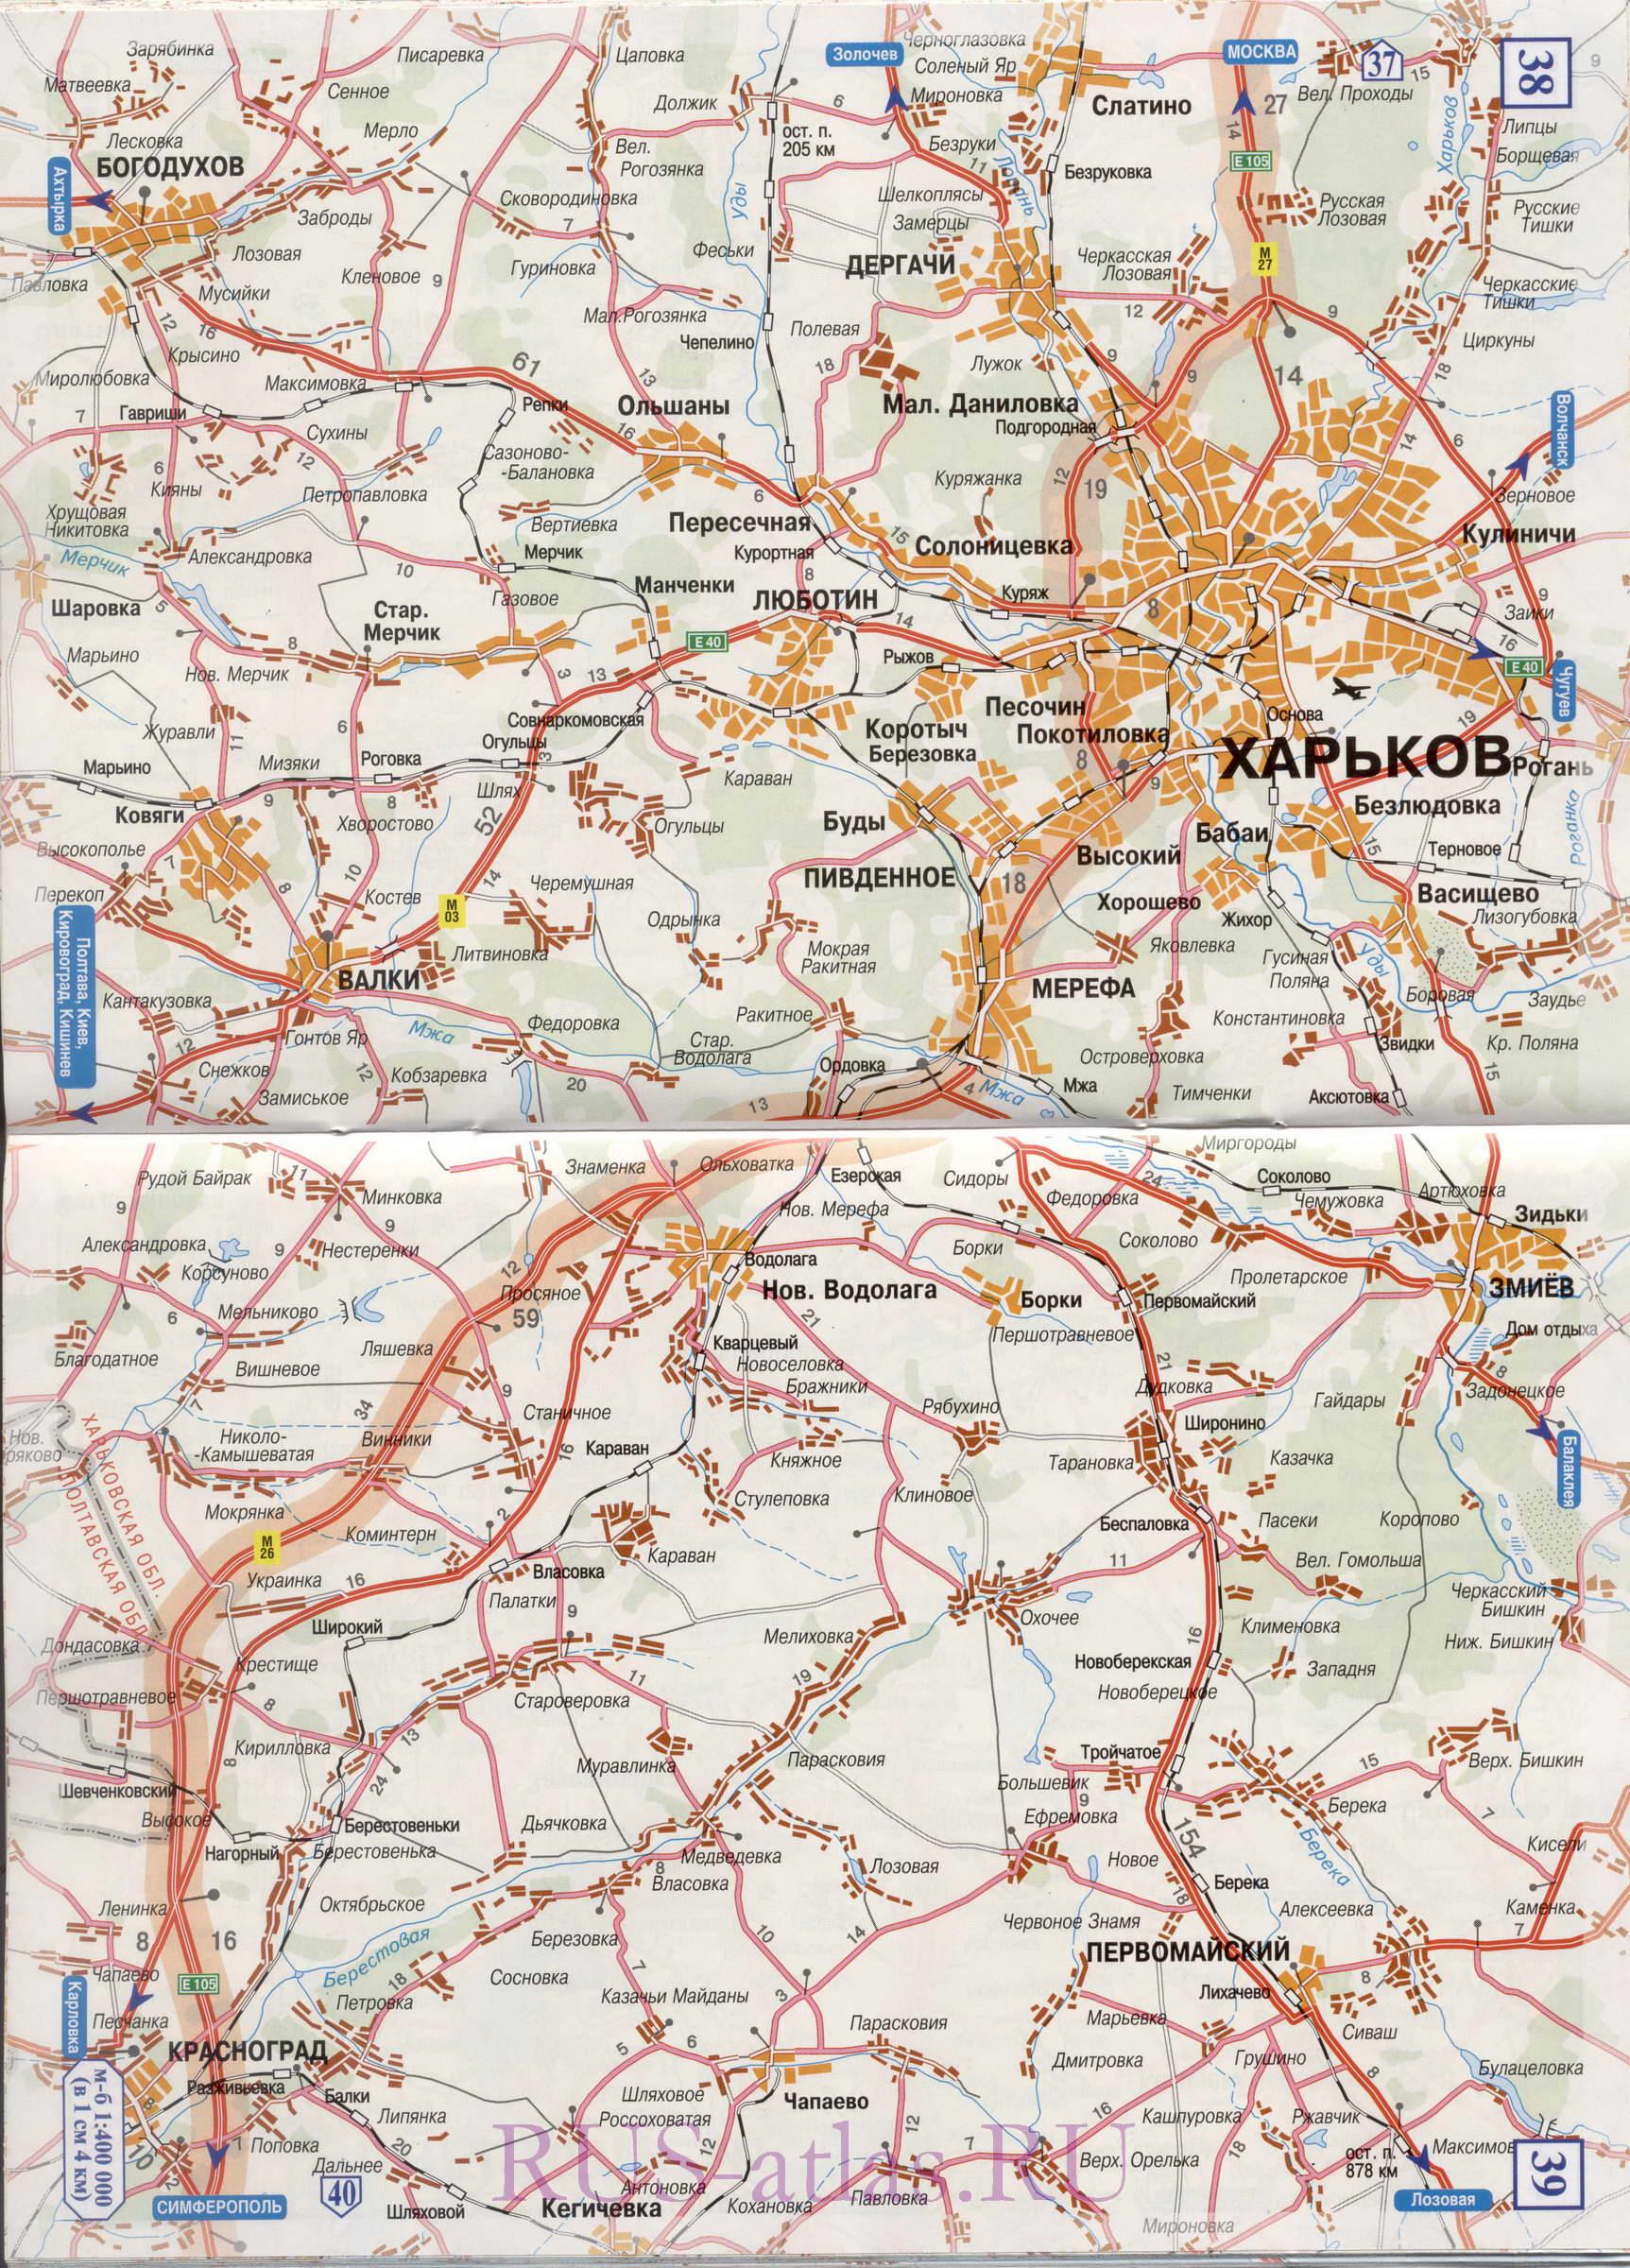 Харьковская схема дорог